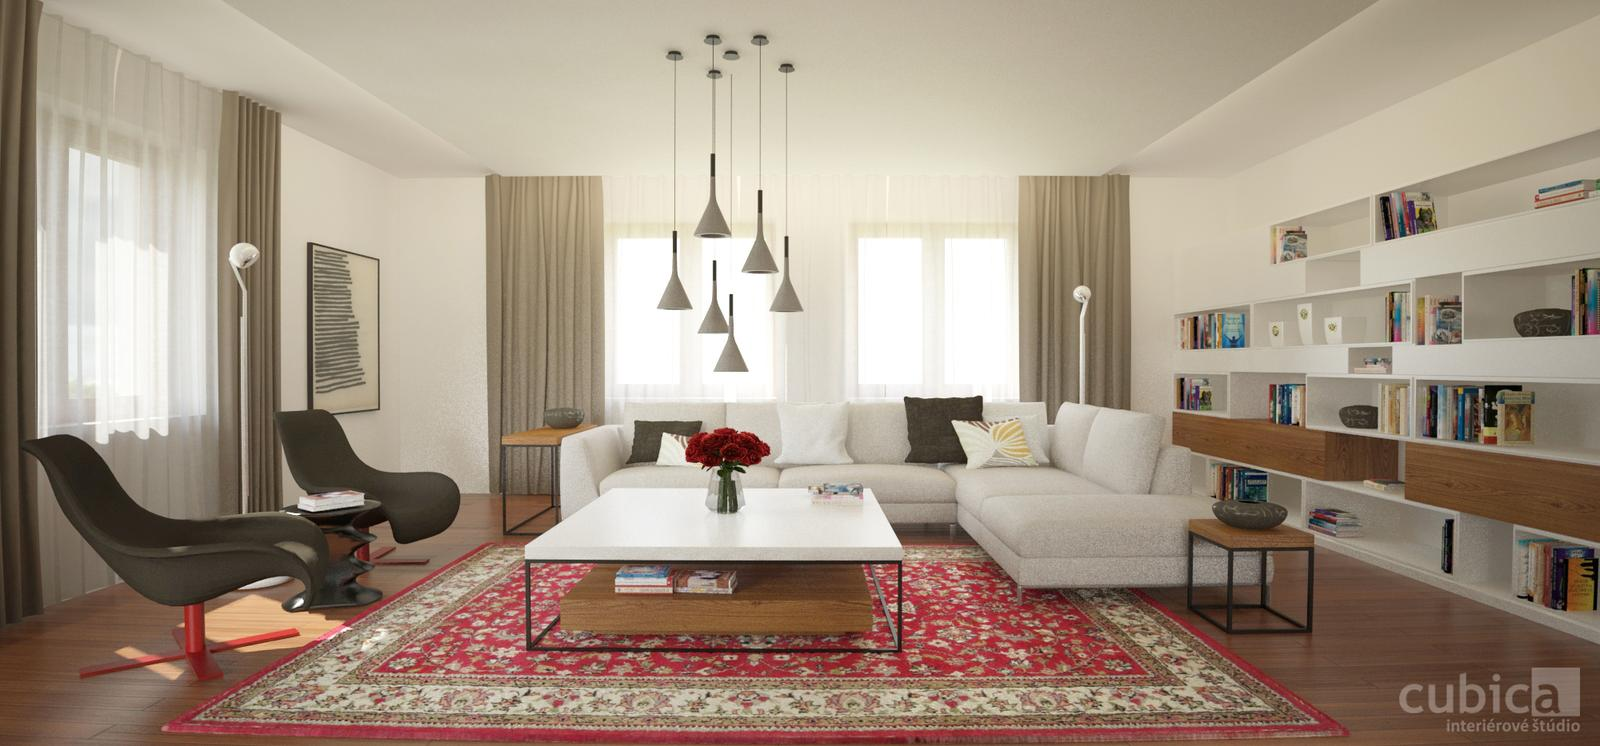 Návrh interiéru rodinného domu - Návrh interiéru rodinného domu #interier #obyvacka #rekonstrukcia